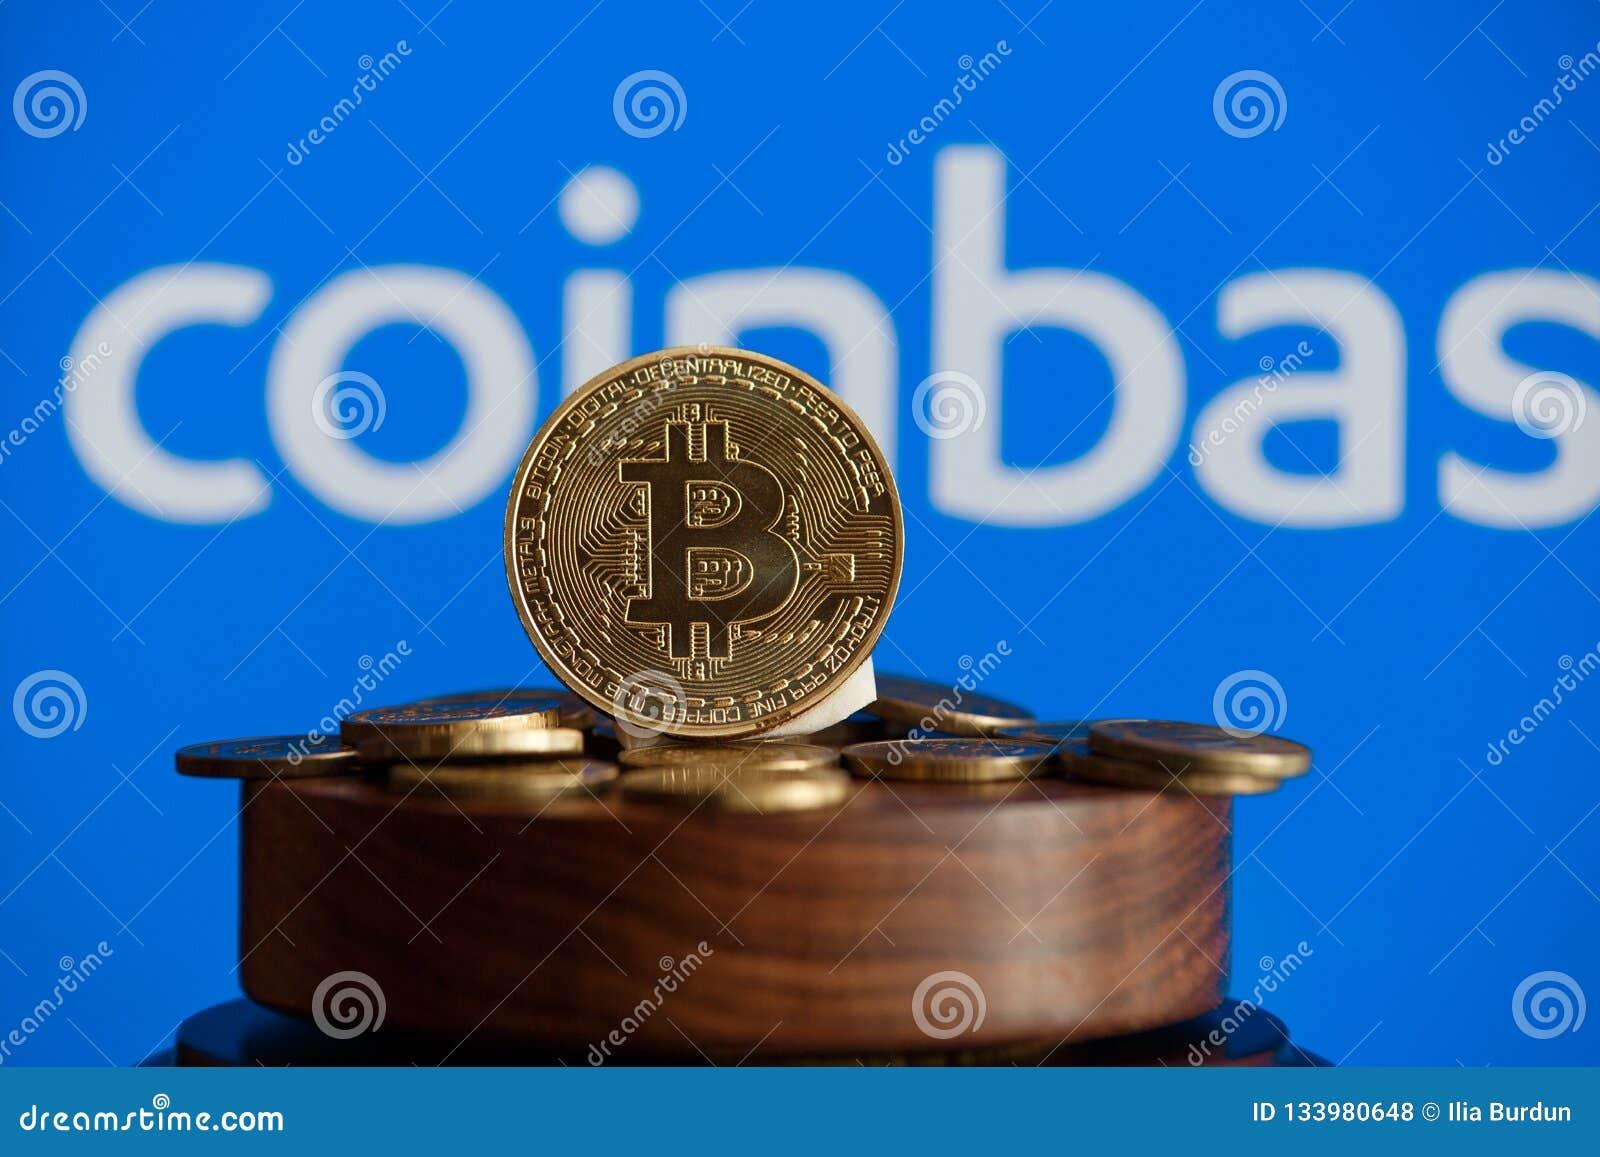 copenhagen bitcoin